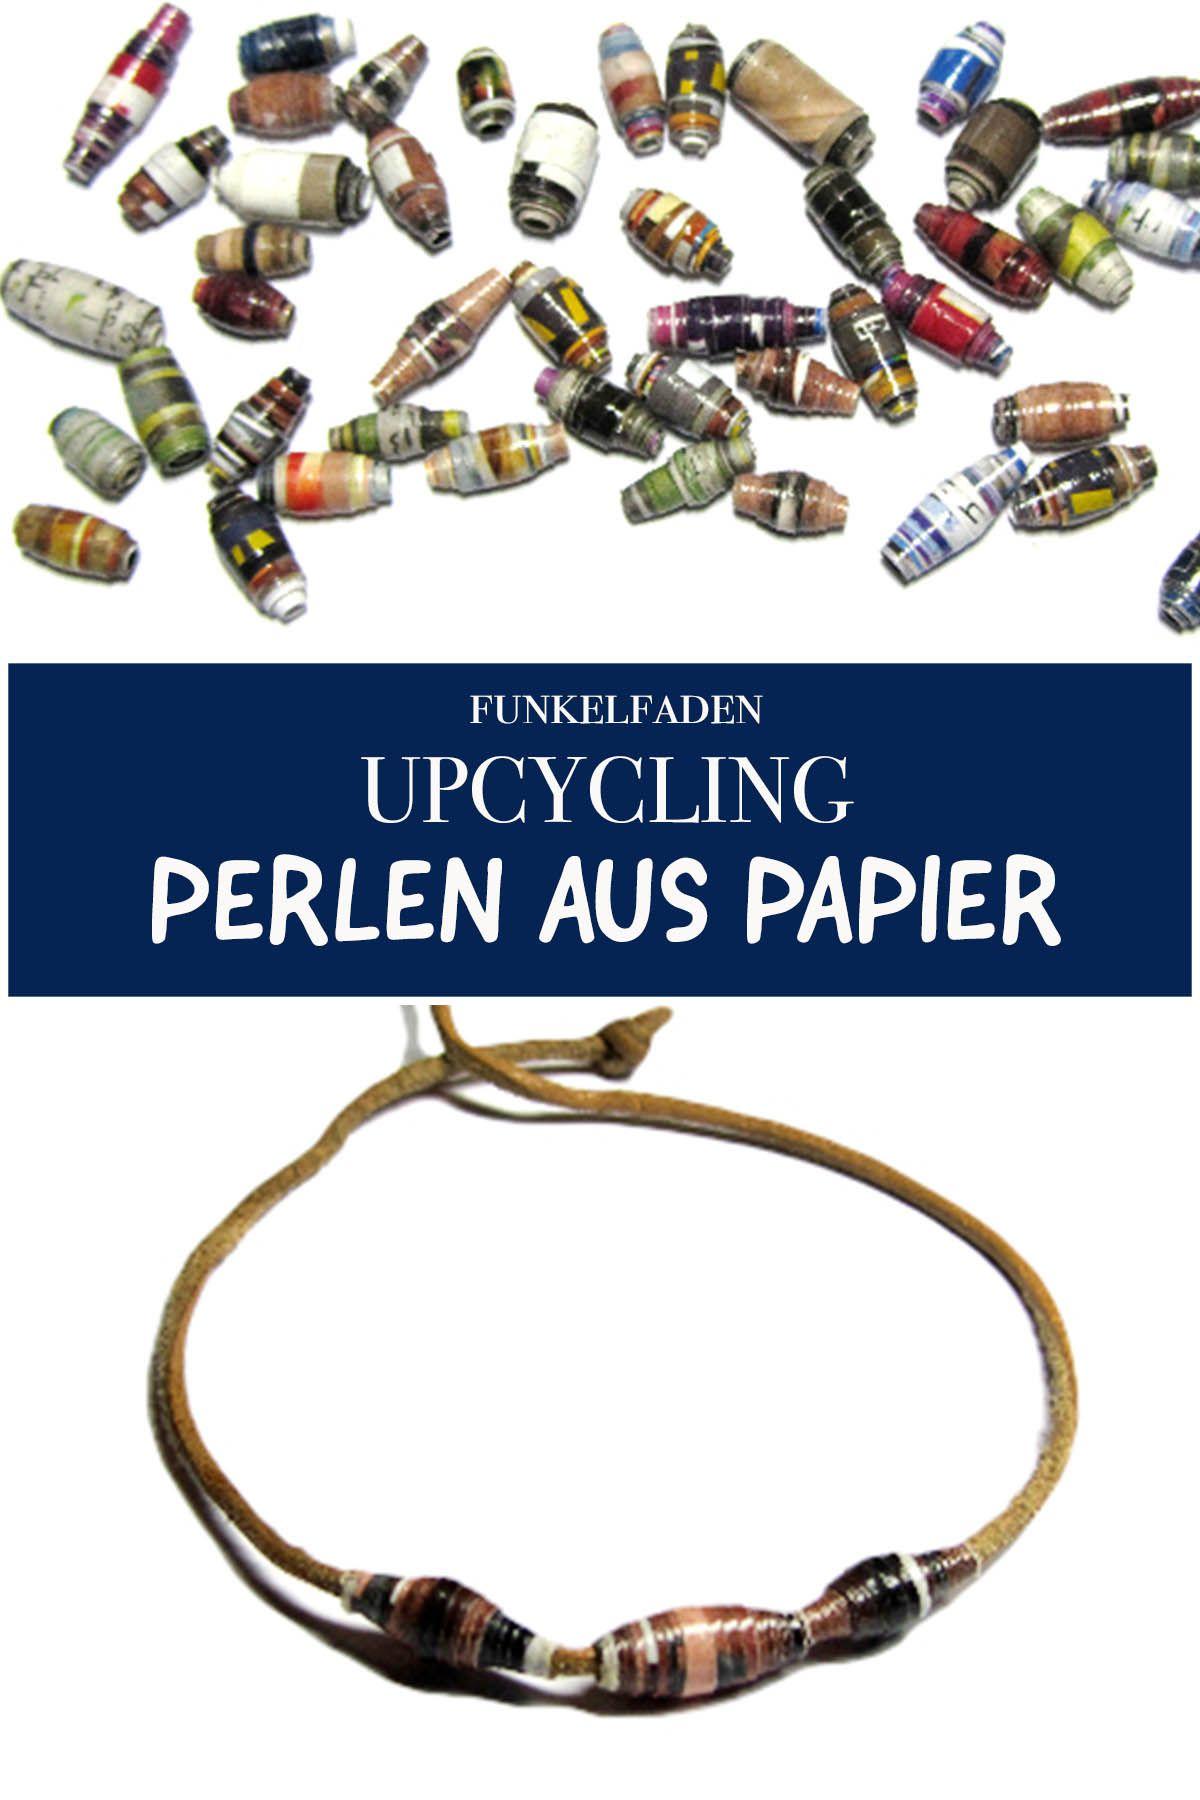 Upcycling - Perlen aus Altpapier basteln - Anleitung für Kinder